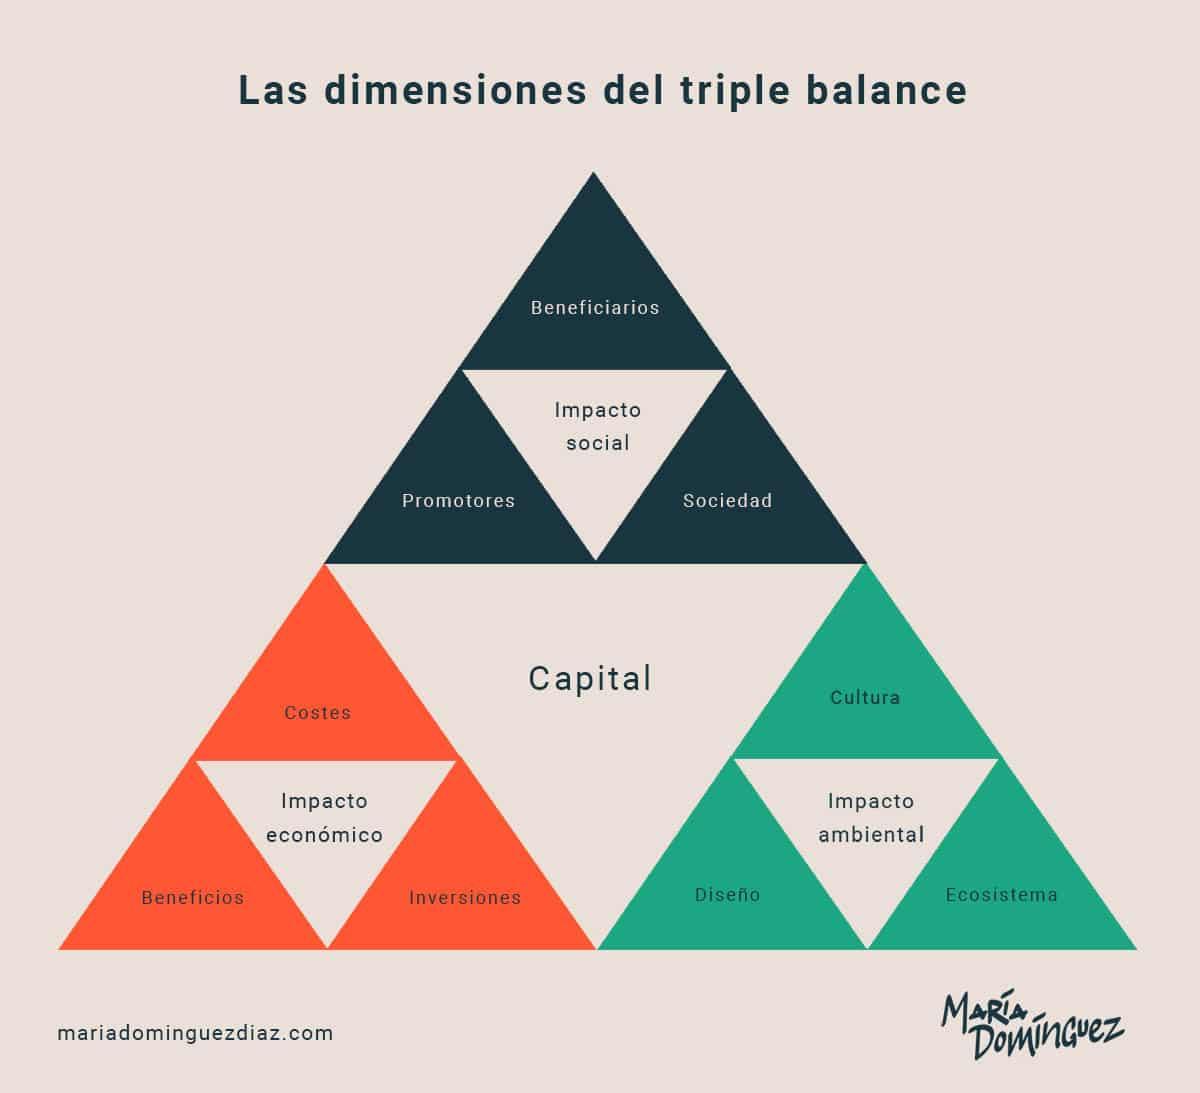 Dimensiones del triple balance